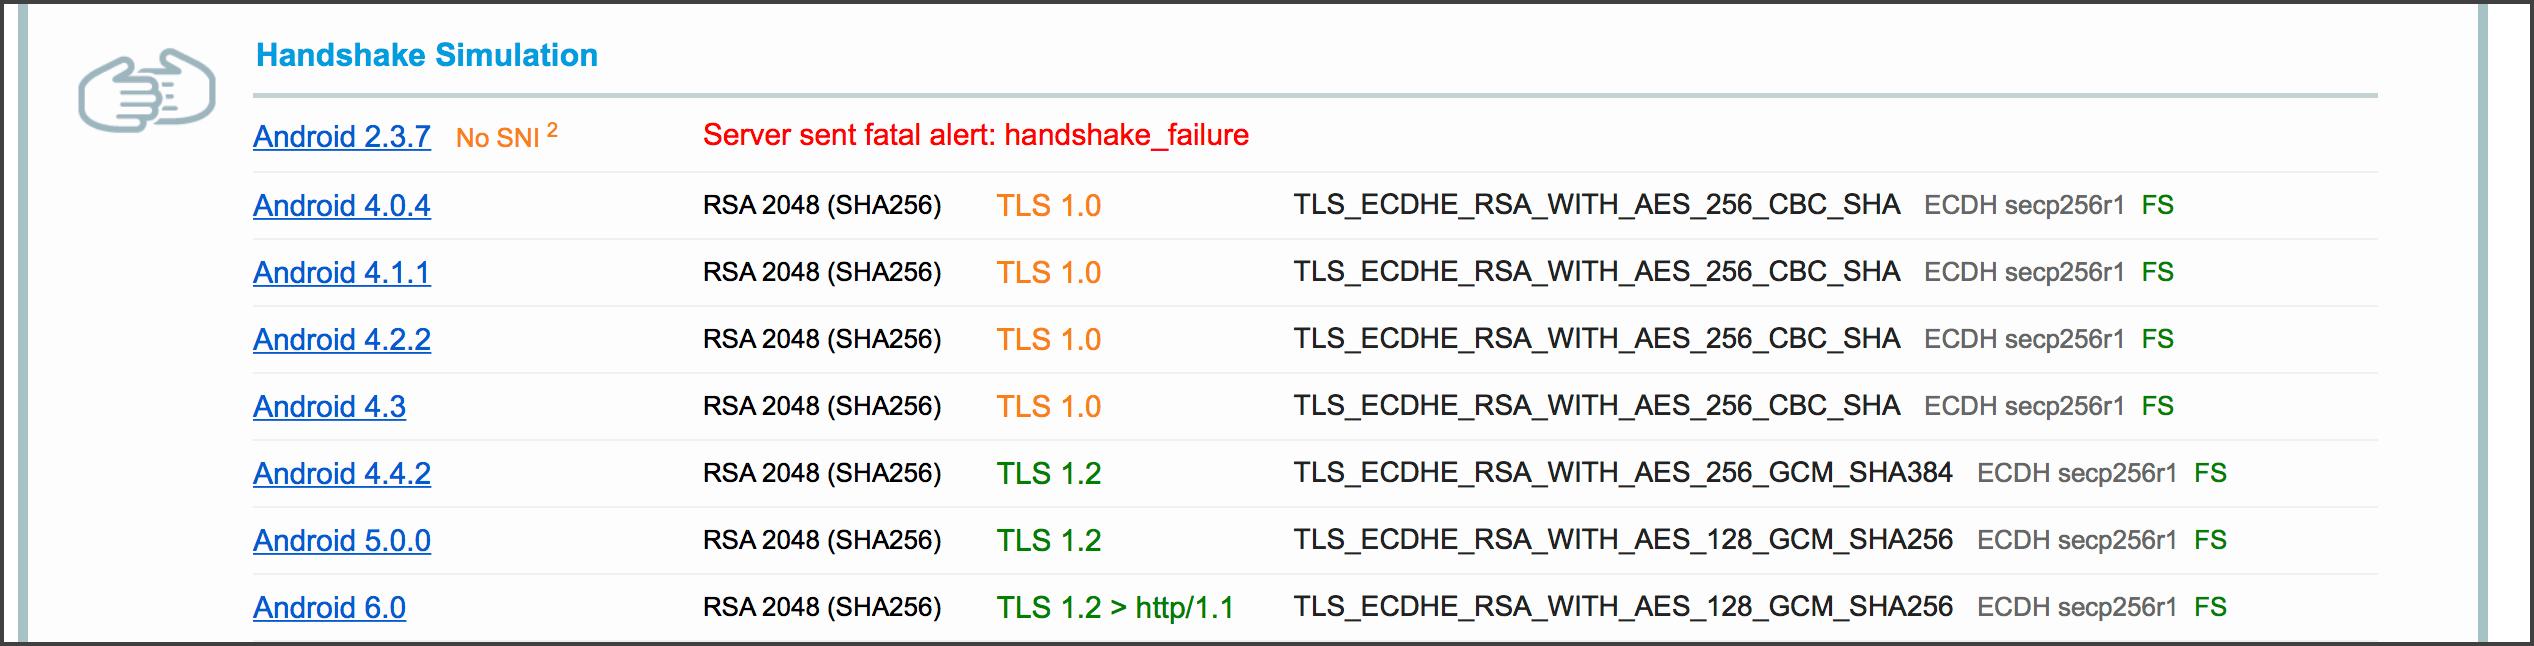 SSL 모바일 시뮬레이션 결과